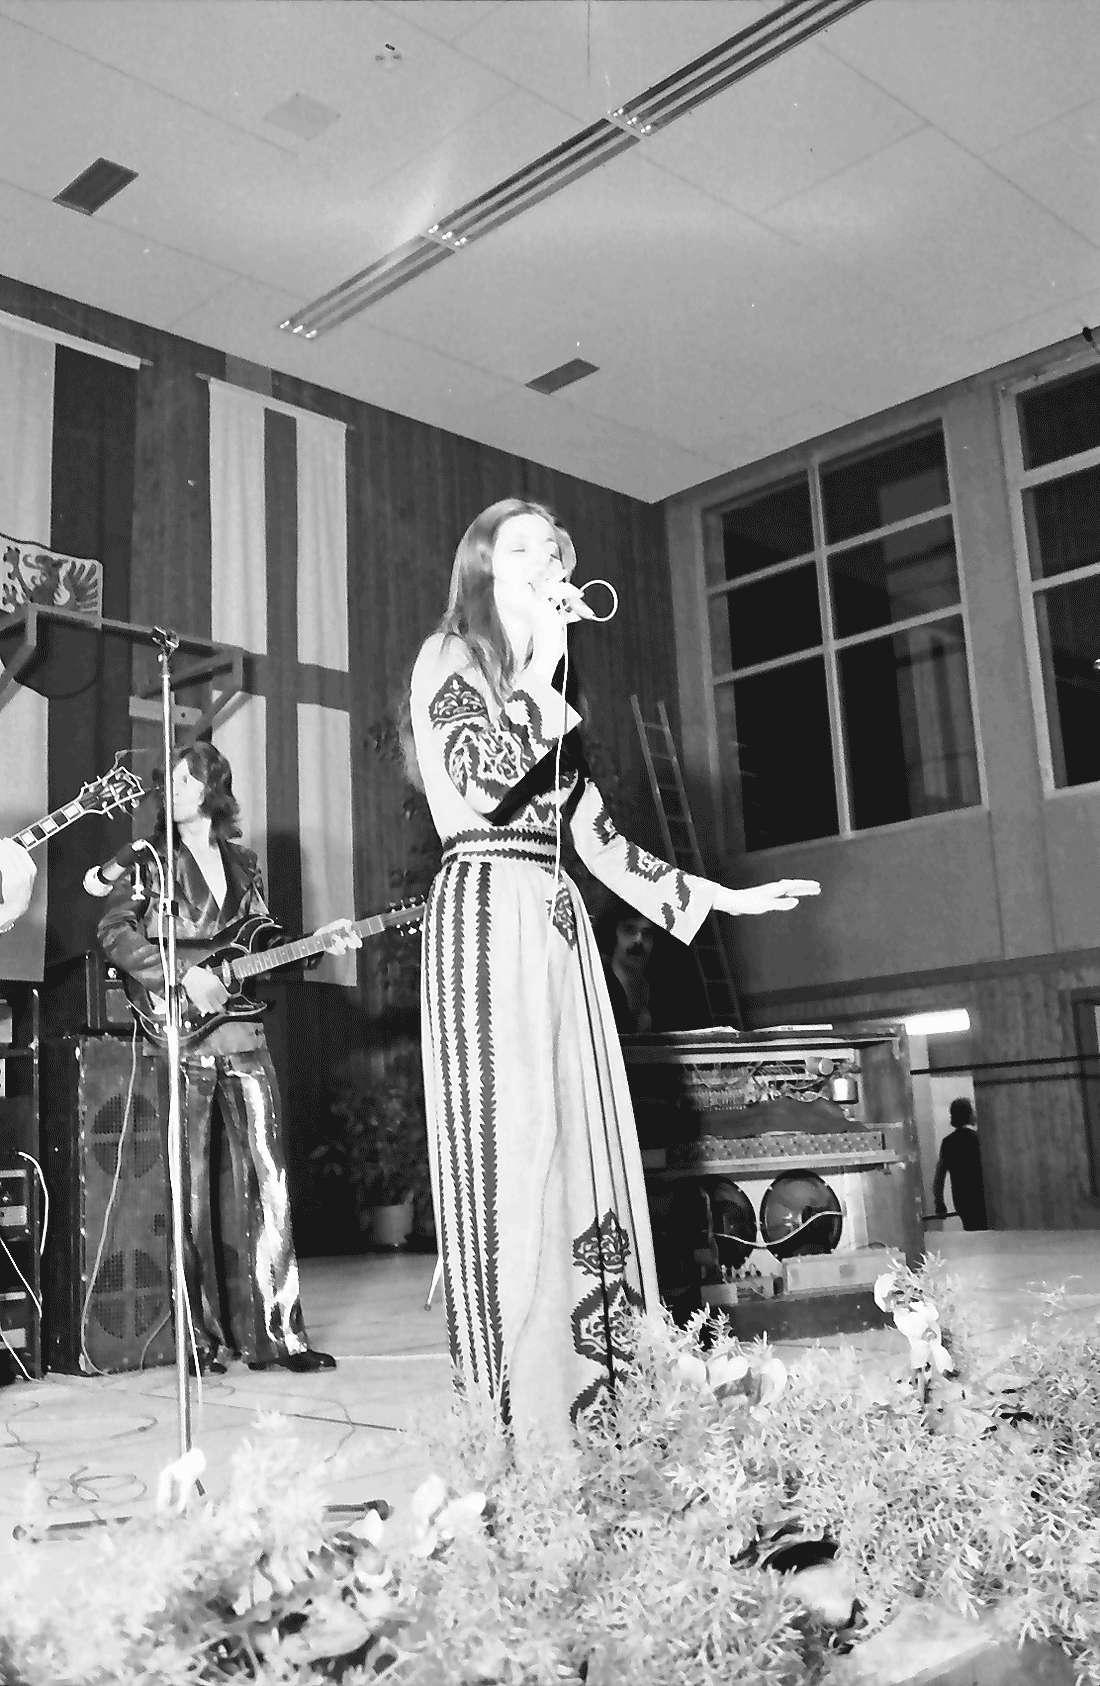 Hochdorf: Mooswaldhalle; bunter Abend; Monika Morell, Sängerin, Bild 1